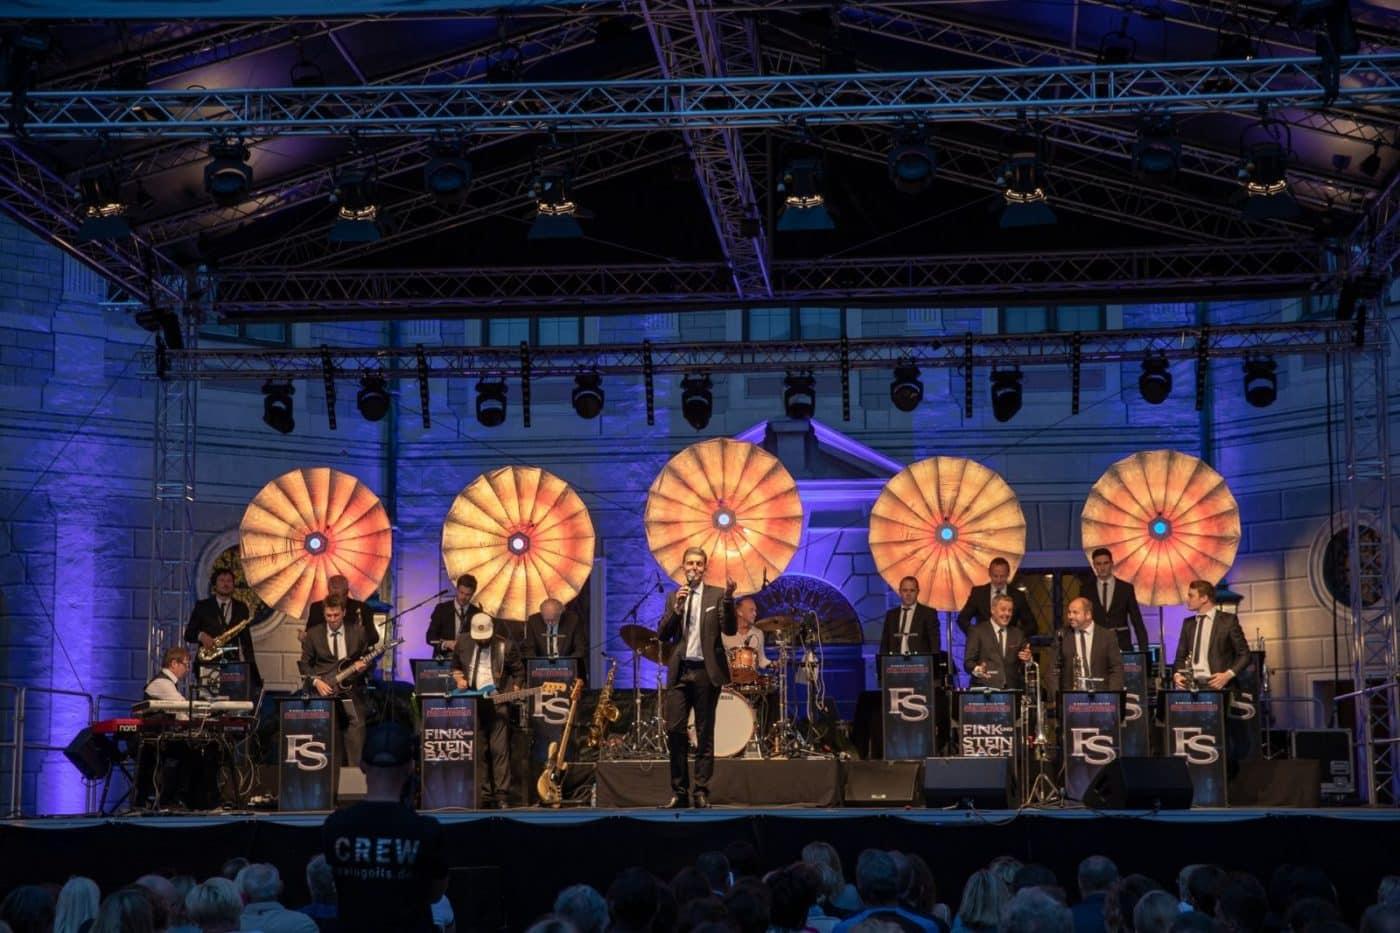 Die Bigband STEINBACH beim Open Air-Konzert im Brunnenhof in München 2018.